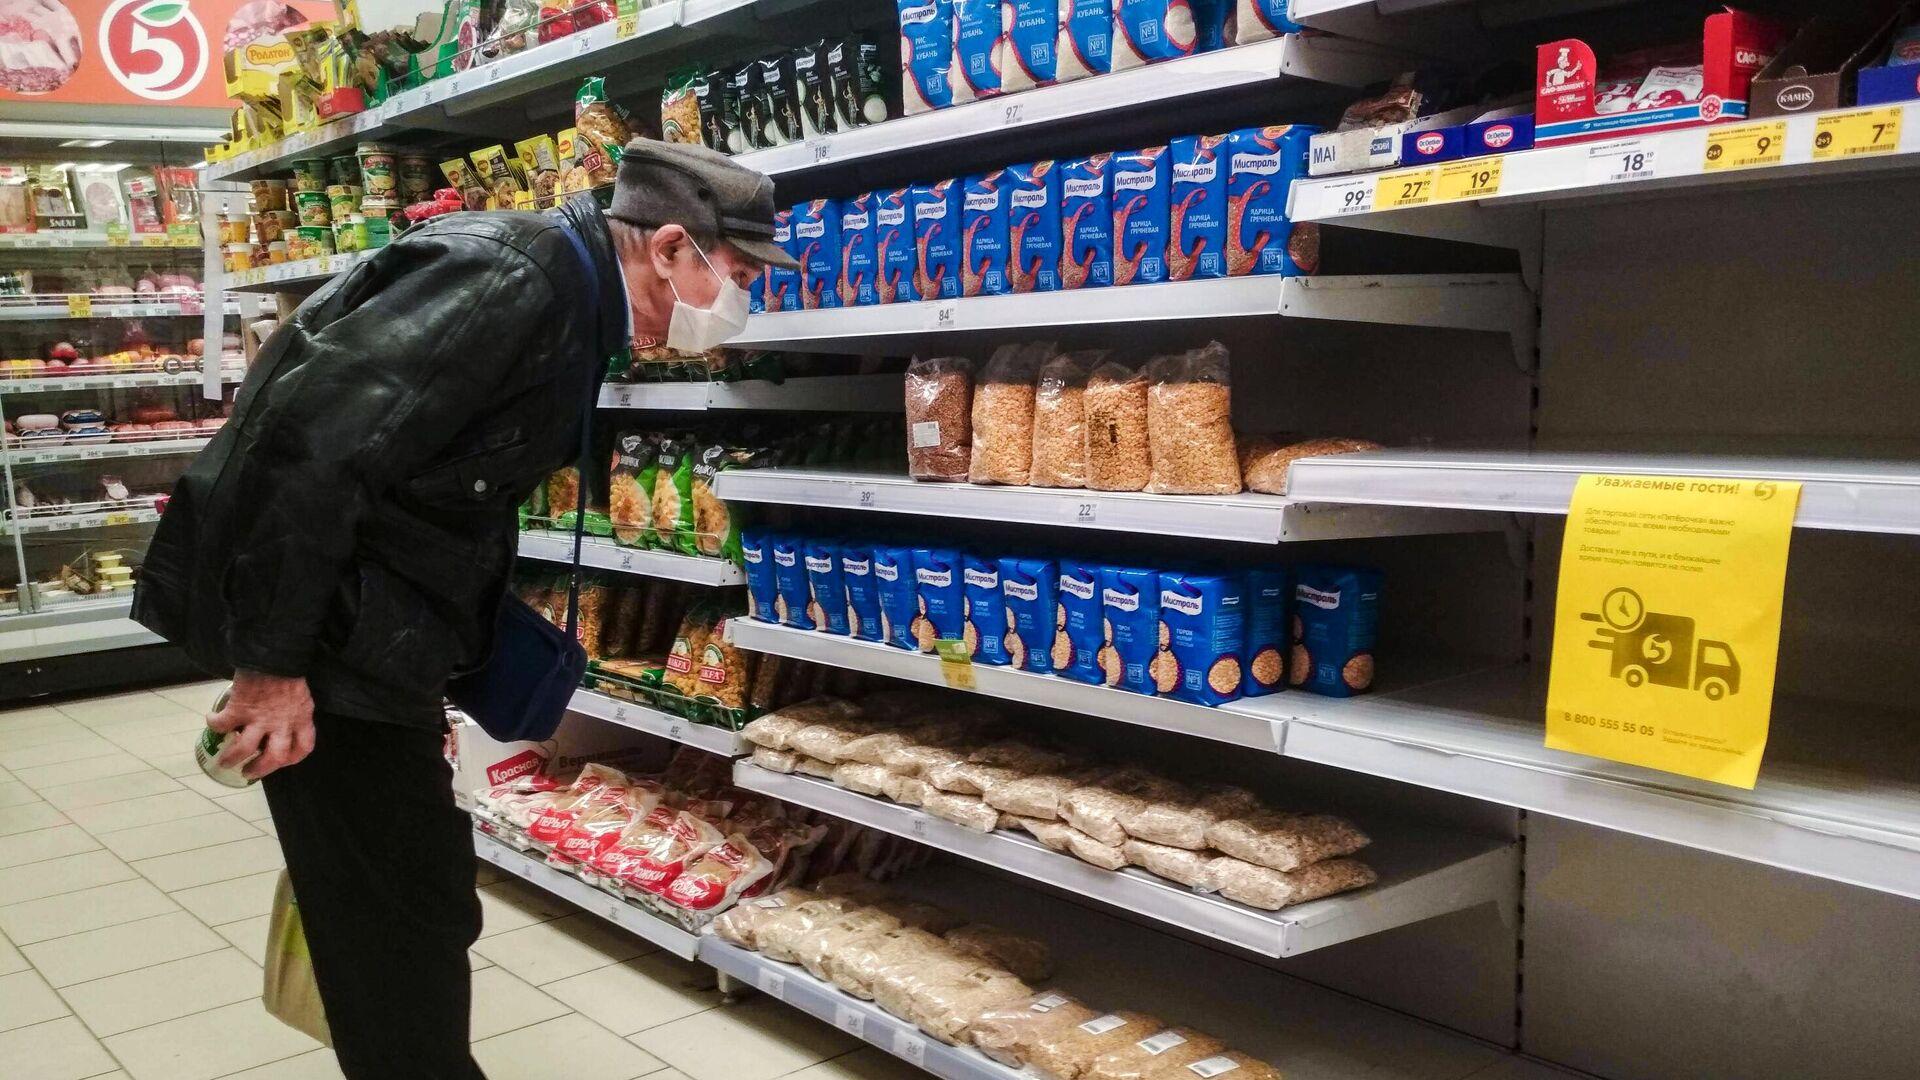 Мужчина выбирает товары в магазине Пятерочка в Москве - РИА Новости, 1920, 28.04.2021